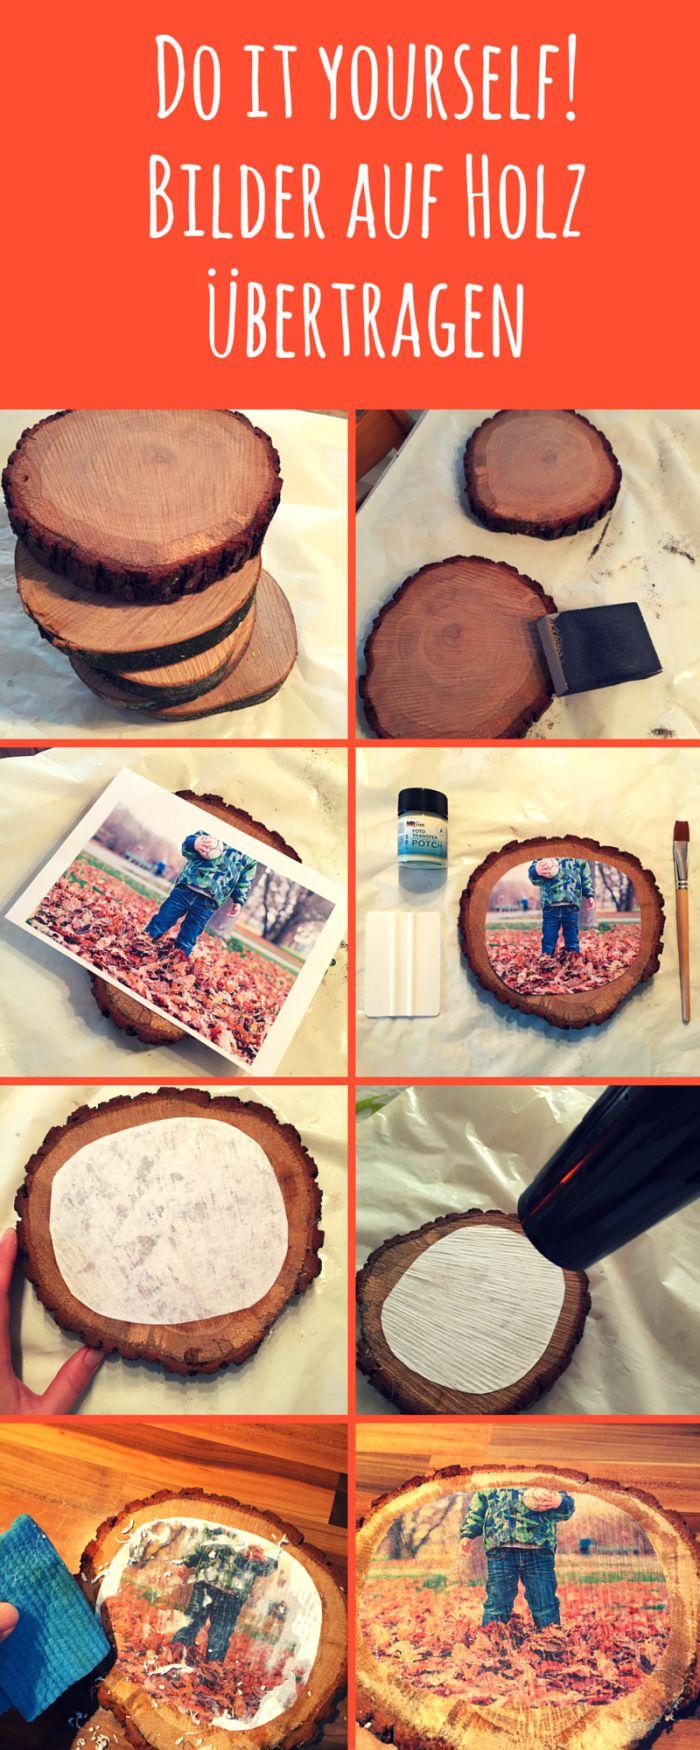 Fotos oder Bilder auf Holz zu übertragen ist super einfach und innerhalb…